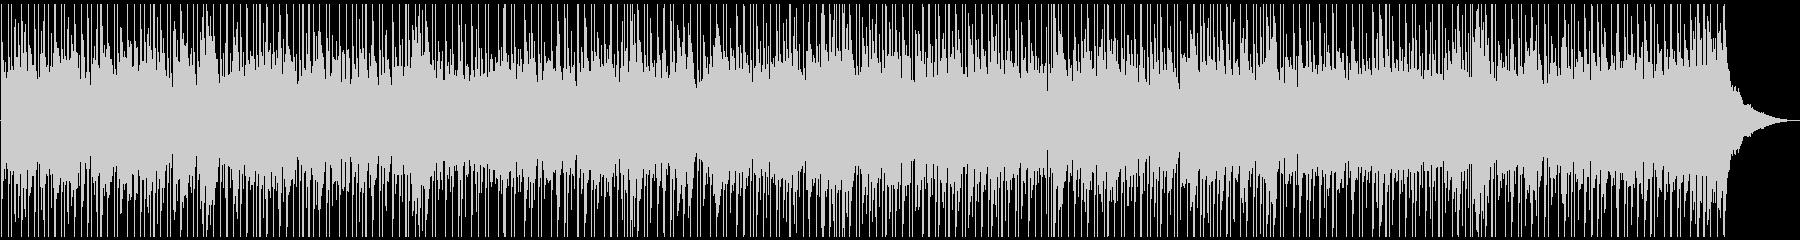 ほのぼのとしたカントリーバラードの未再生の波形